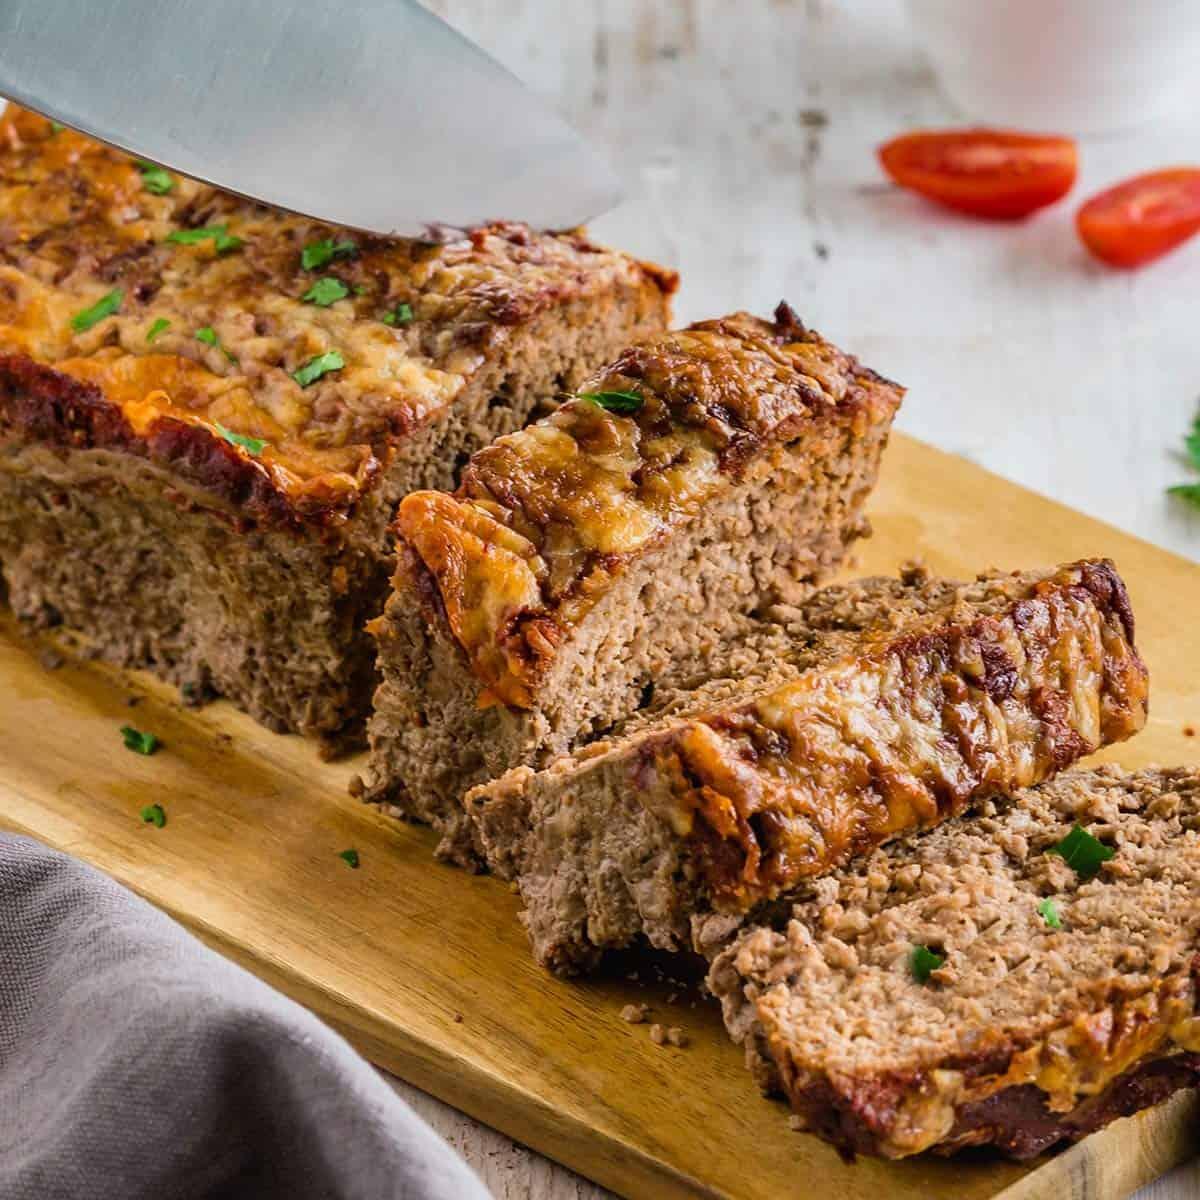 Full keto meatloaf seasoned with homemade meatloaf seasoning on serving board